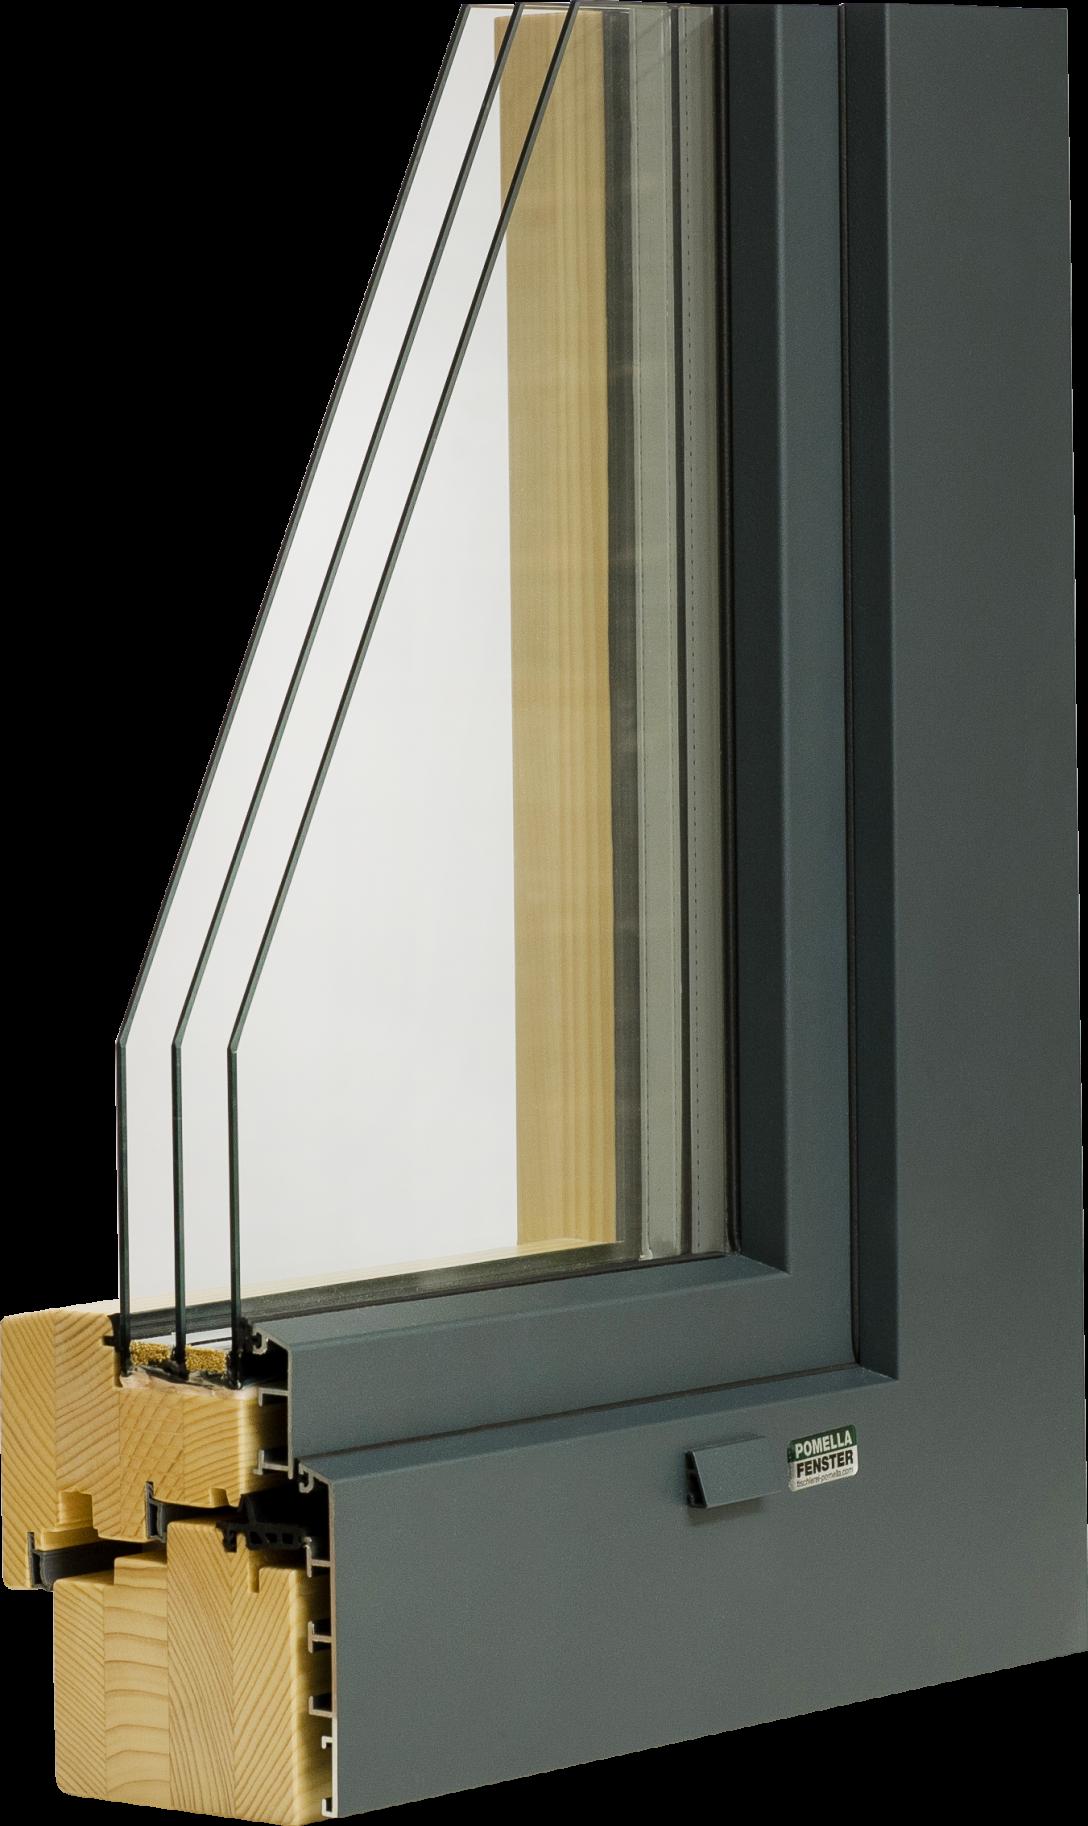 Large Size of Fenster Holz Alu Mit 3 Fach Verglasung Pomella Bernhard Drutex Absturzsicherung Trocal Auf Maß Sonnenschutzfolie Innen Rollos Folie Für Aluplast Holzregal Fenster Fenster Holz Alu